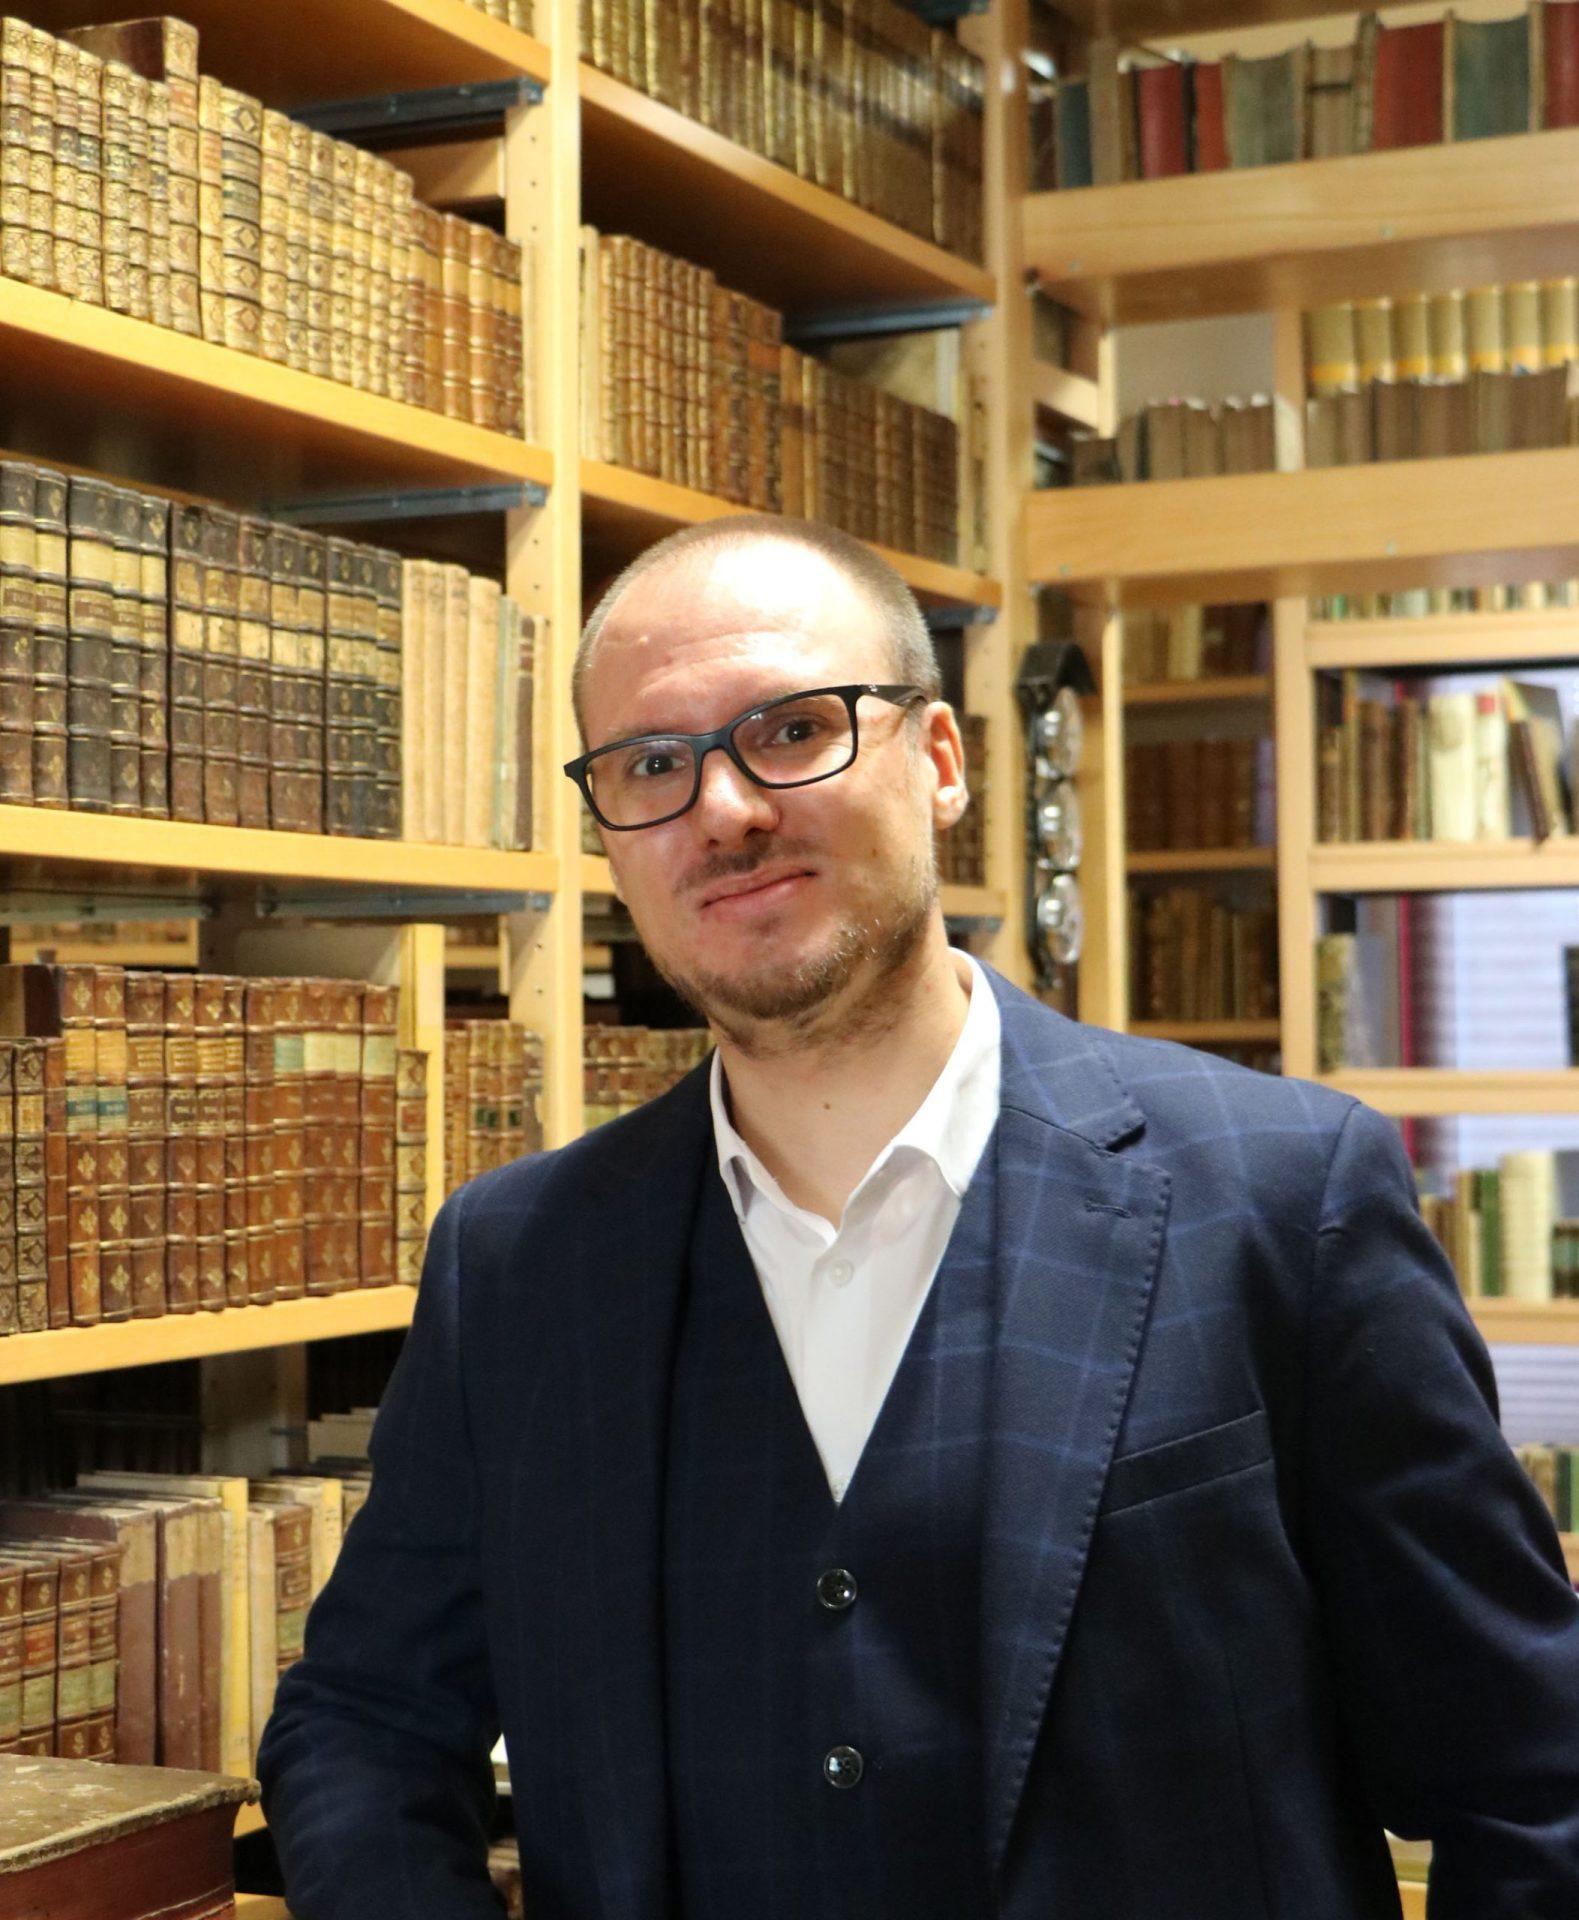 Marc Holly übernimmt im Gleimhaus Halberstadt die Landesberatungsstelle zur Bestandserhaltung in Sachsen-Anhalt